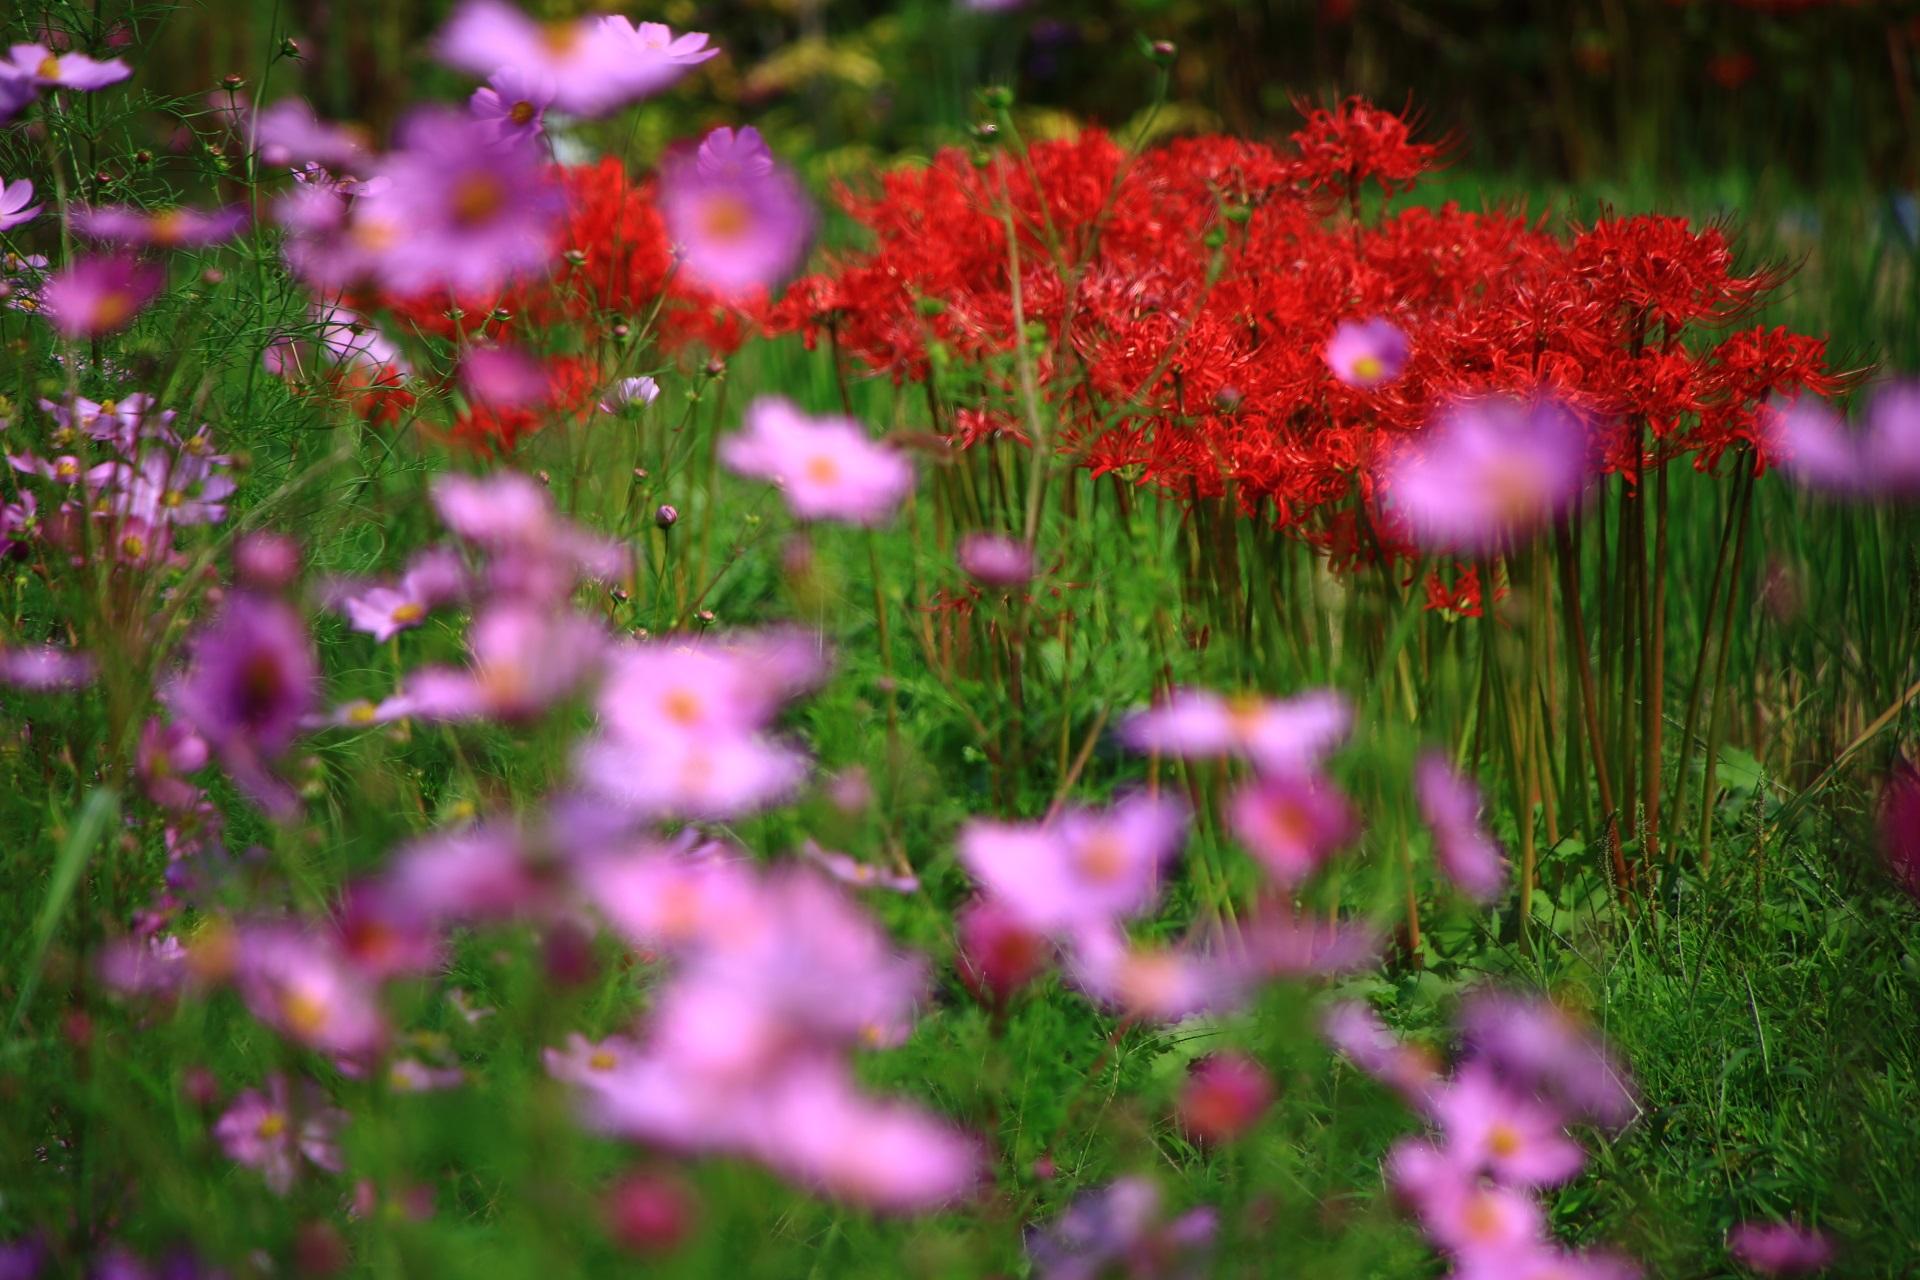 大原の彼岸花とコスモスの華やかな初秋の彩り